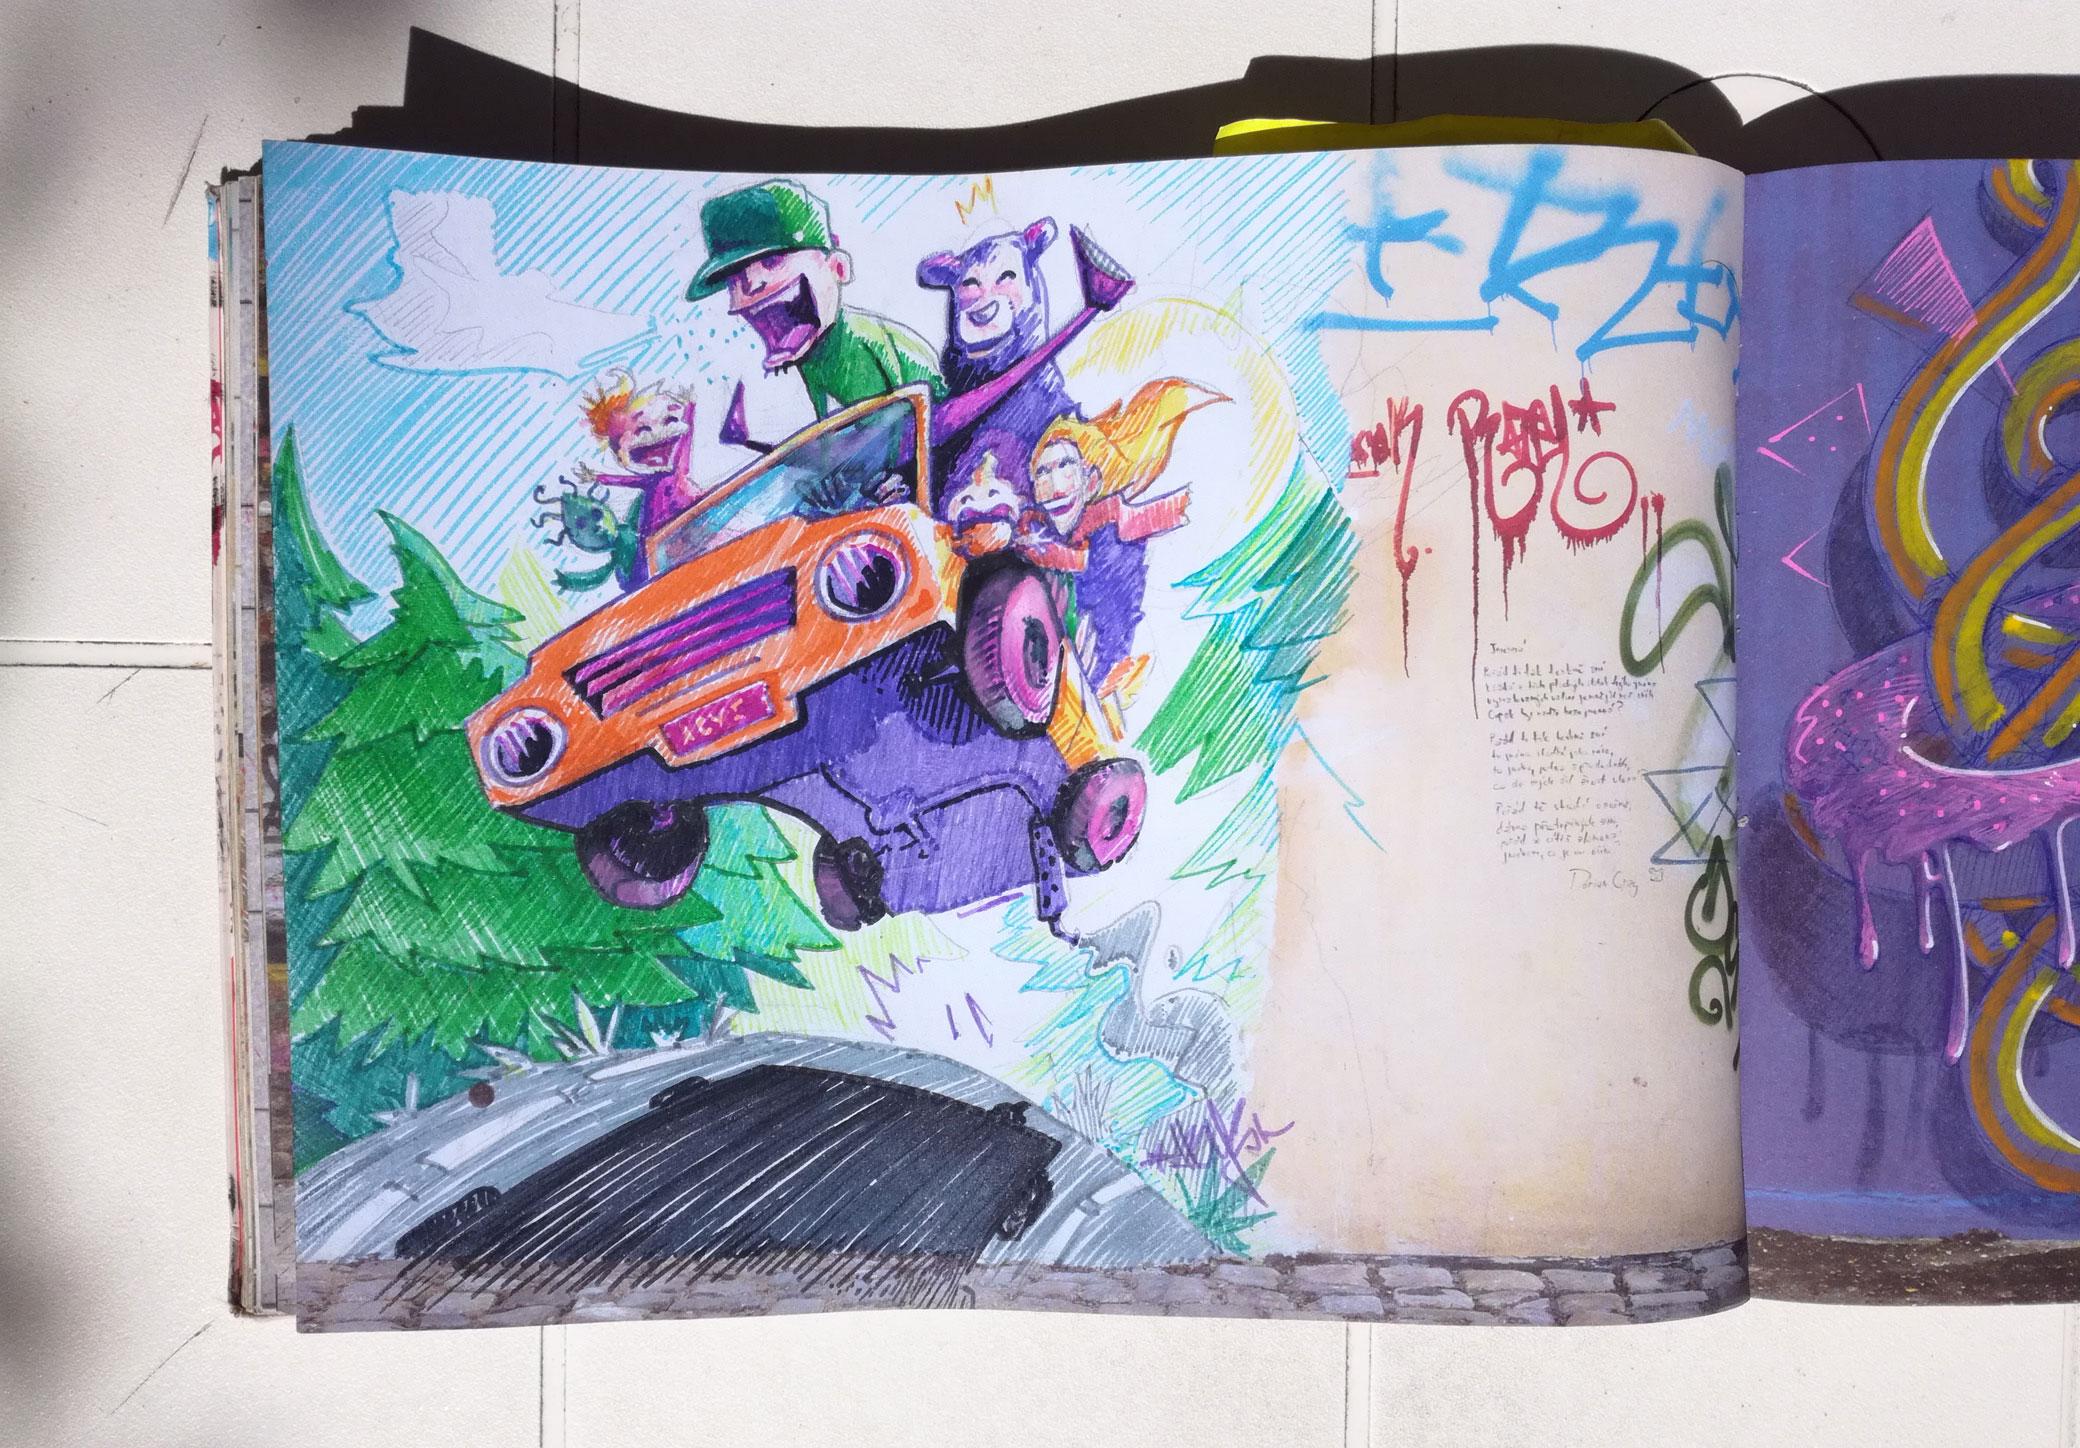 sketchbook - graffiti art - illustration - abys 2 fly - car - streetart